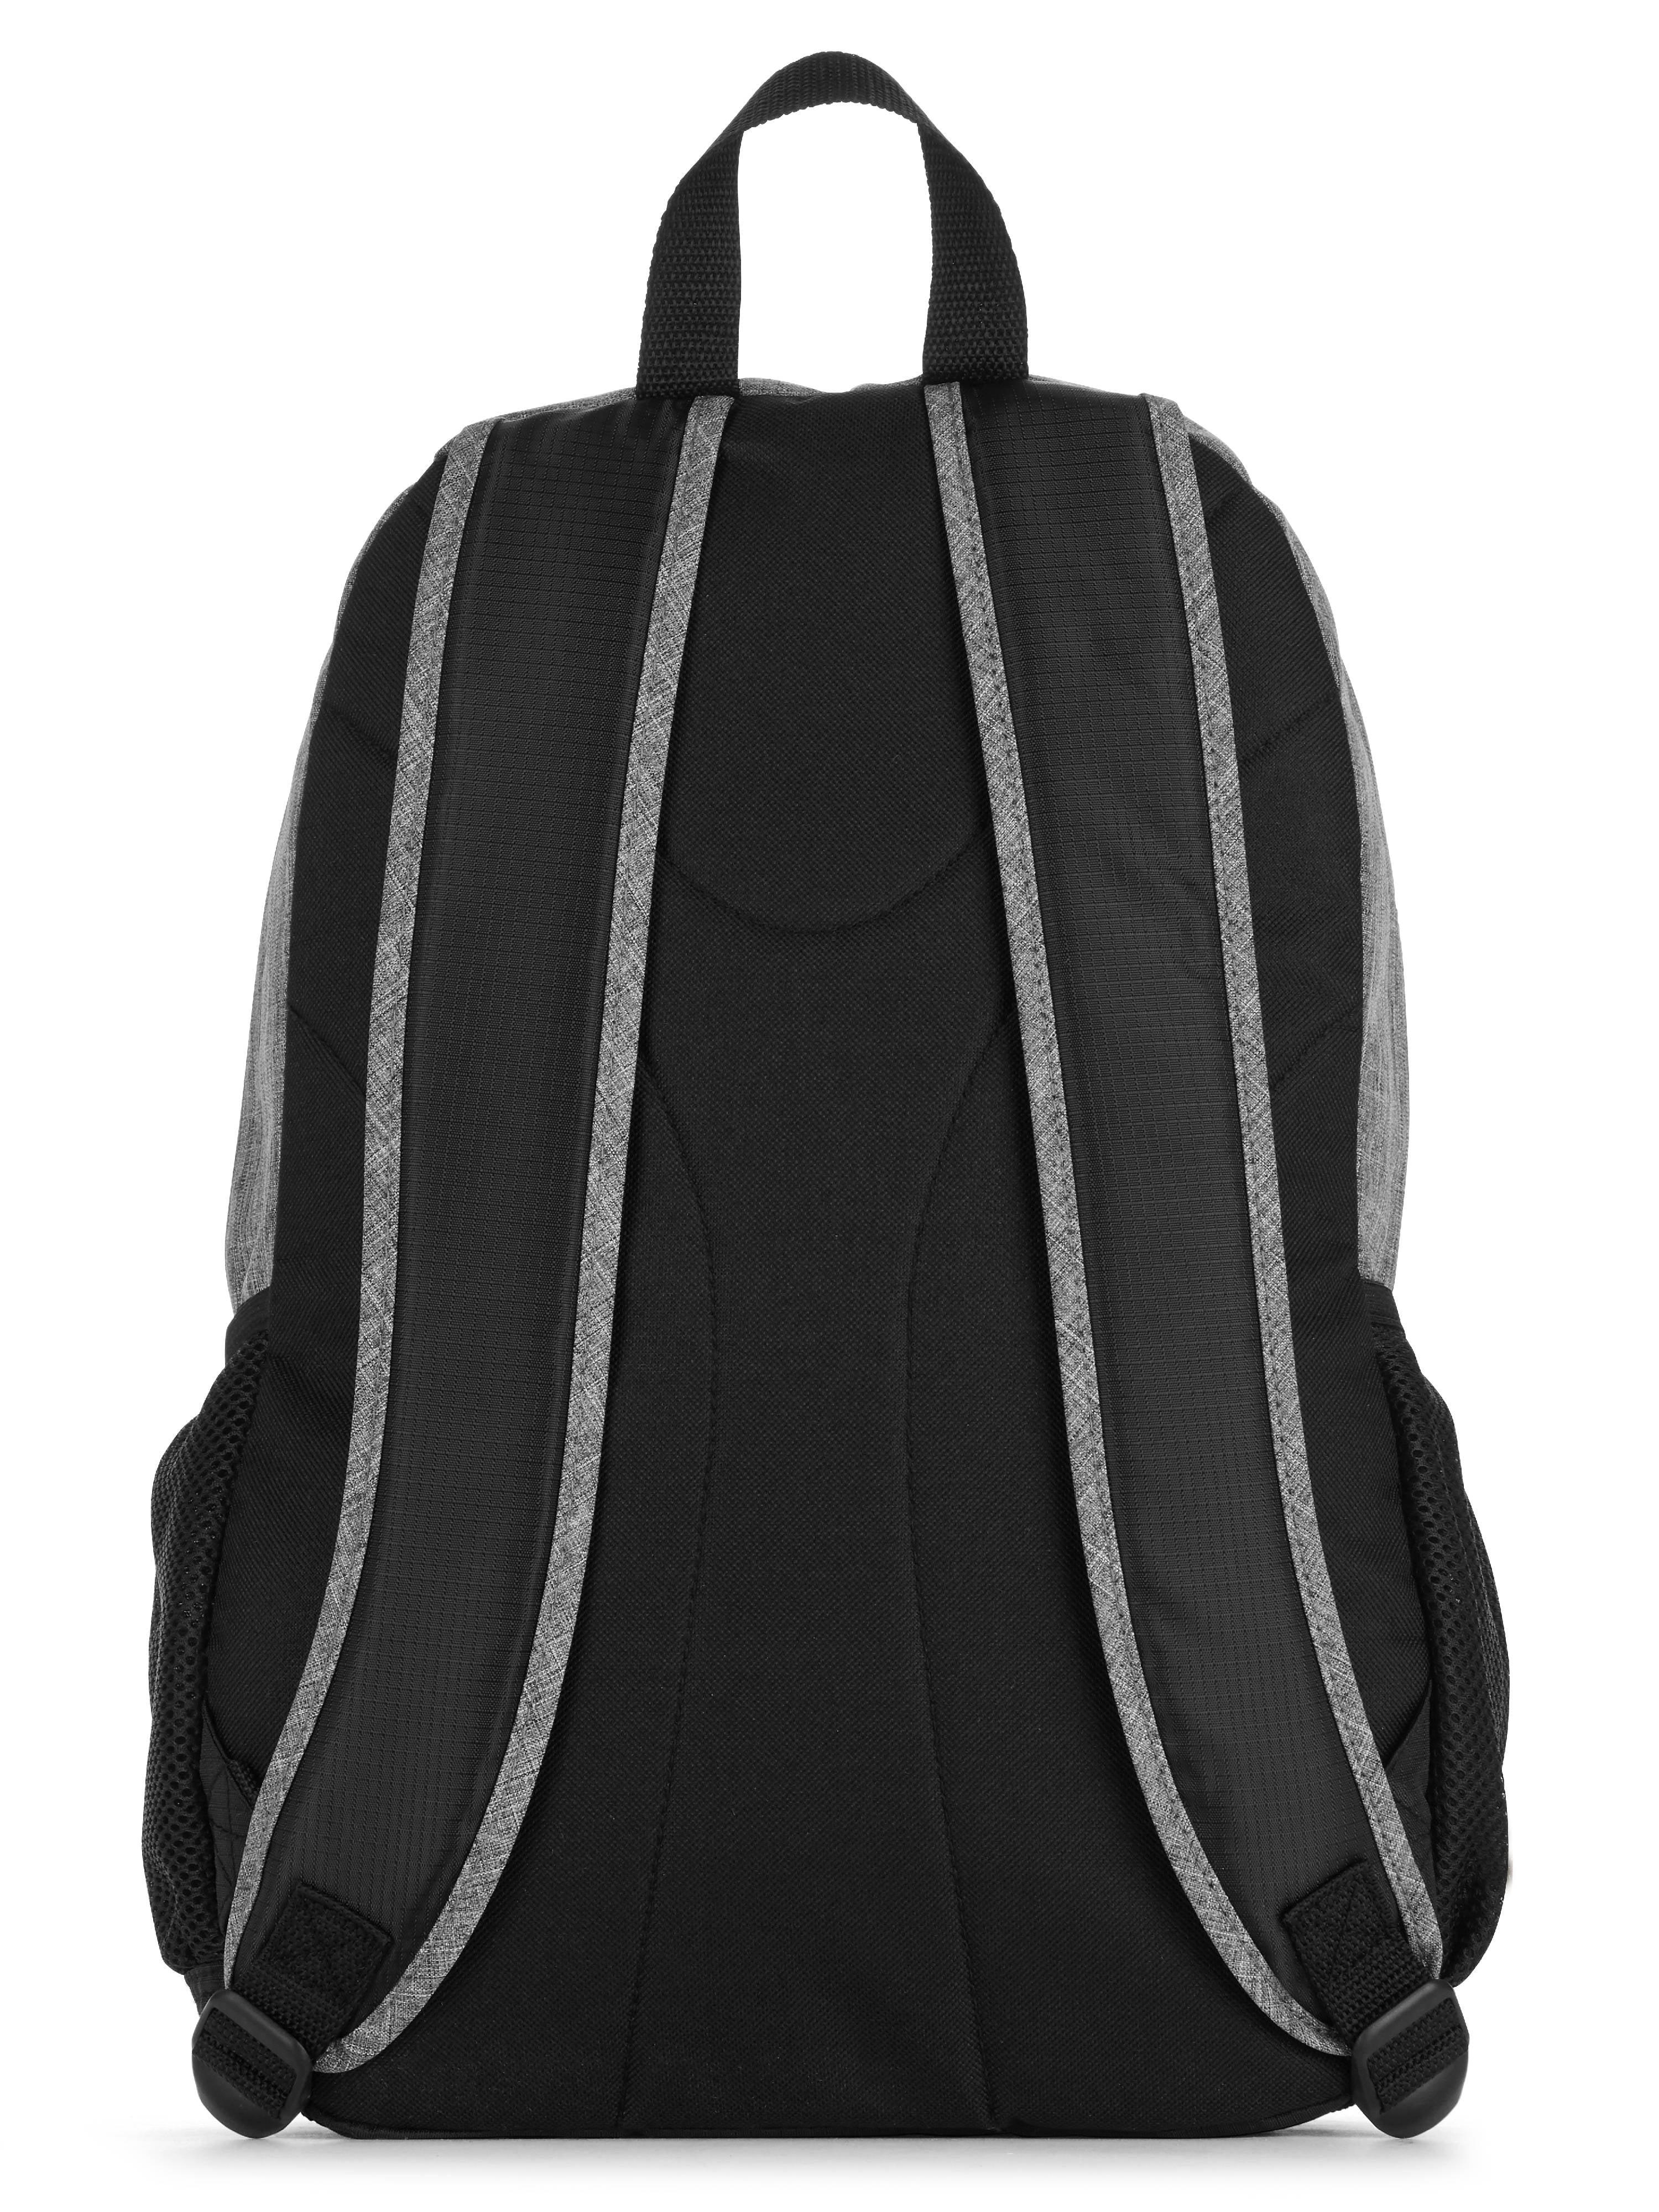 7c27fa8e0d WONDER NATION - Wonder Nation Boy s Quad Backpack - Walmart.com